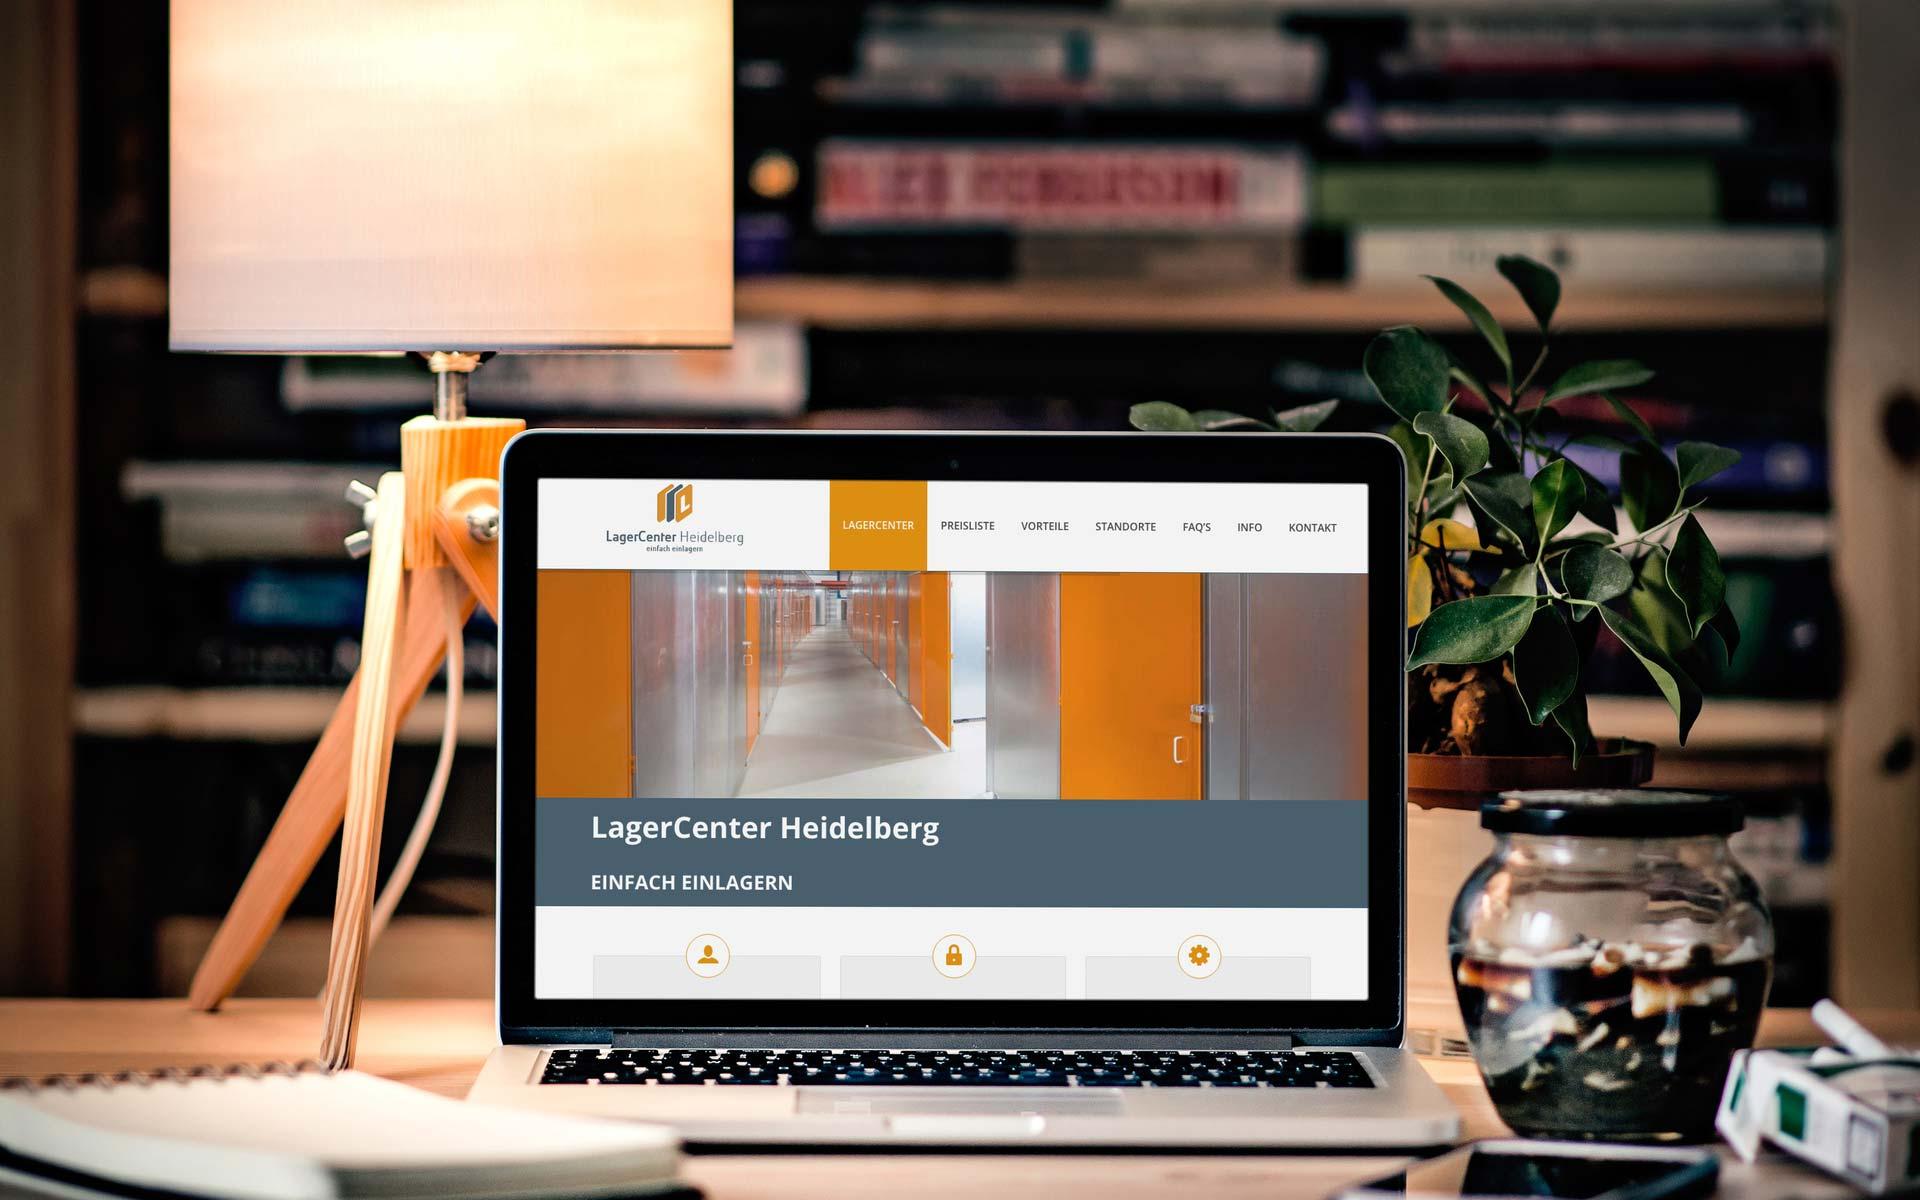 Referenz Webdesign | Lagercenter Heidelberg